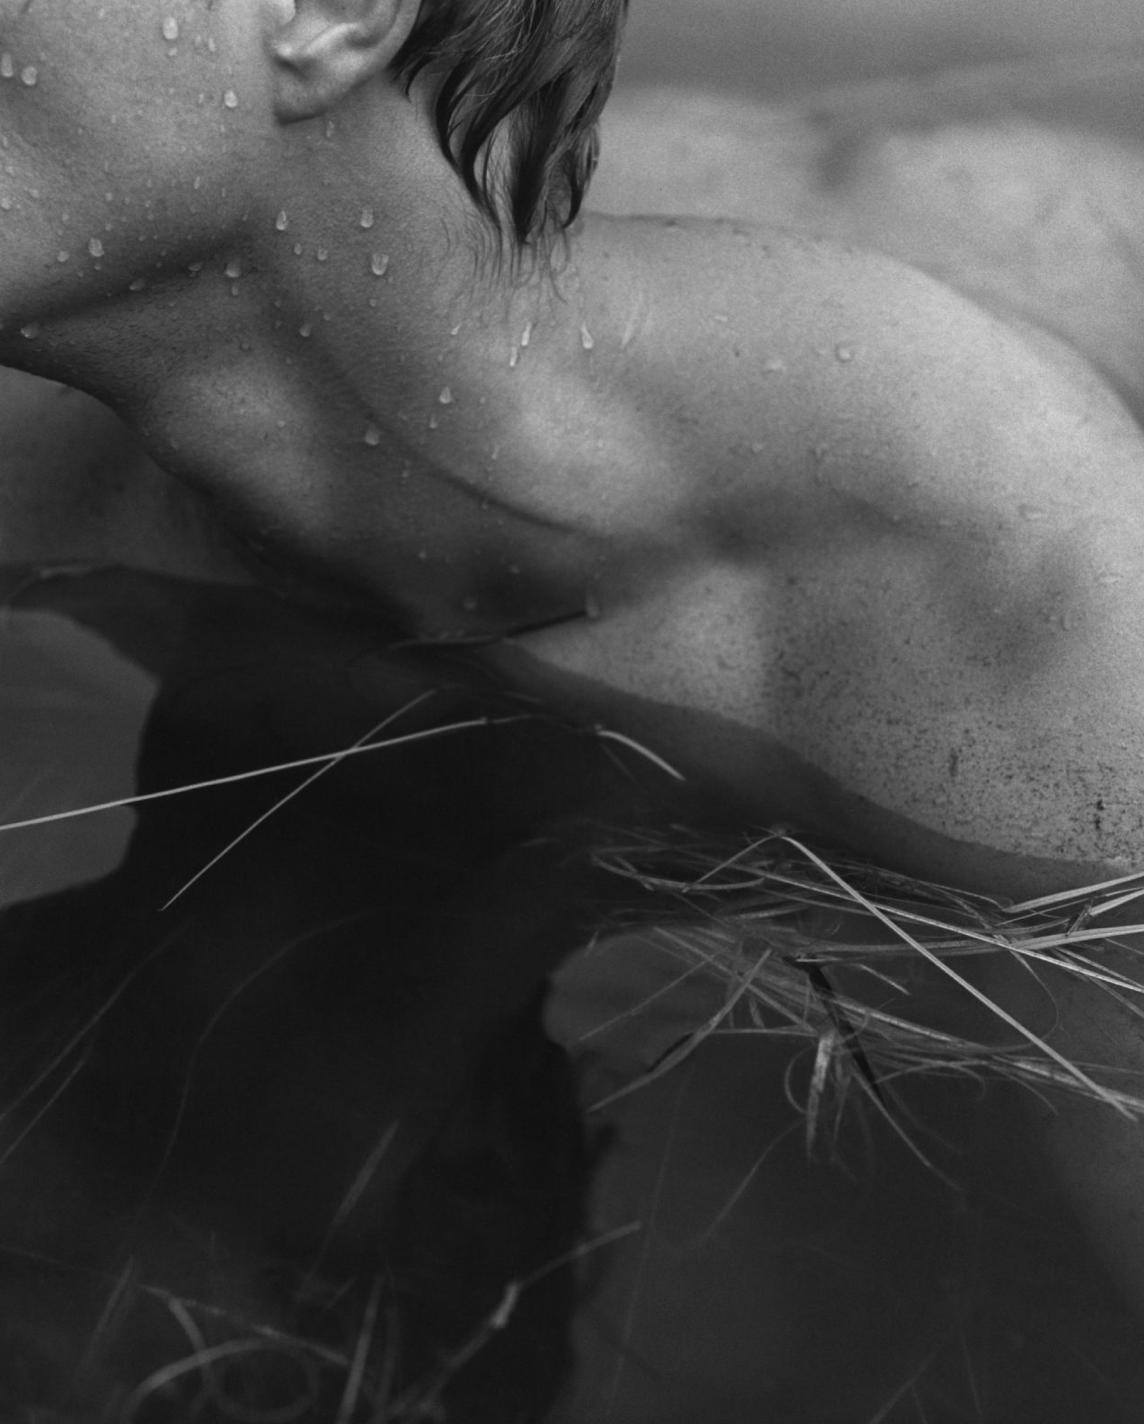 Bear Pond Bruce Weber - Inner Page - Model